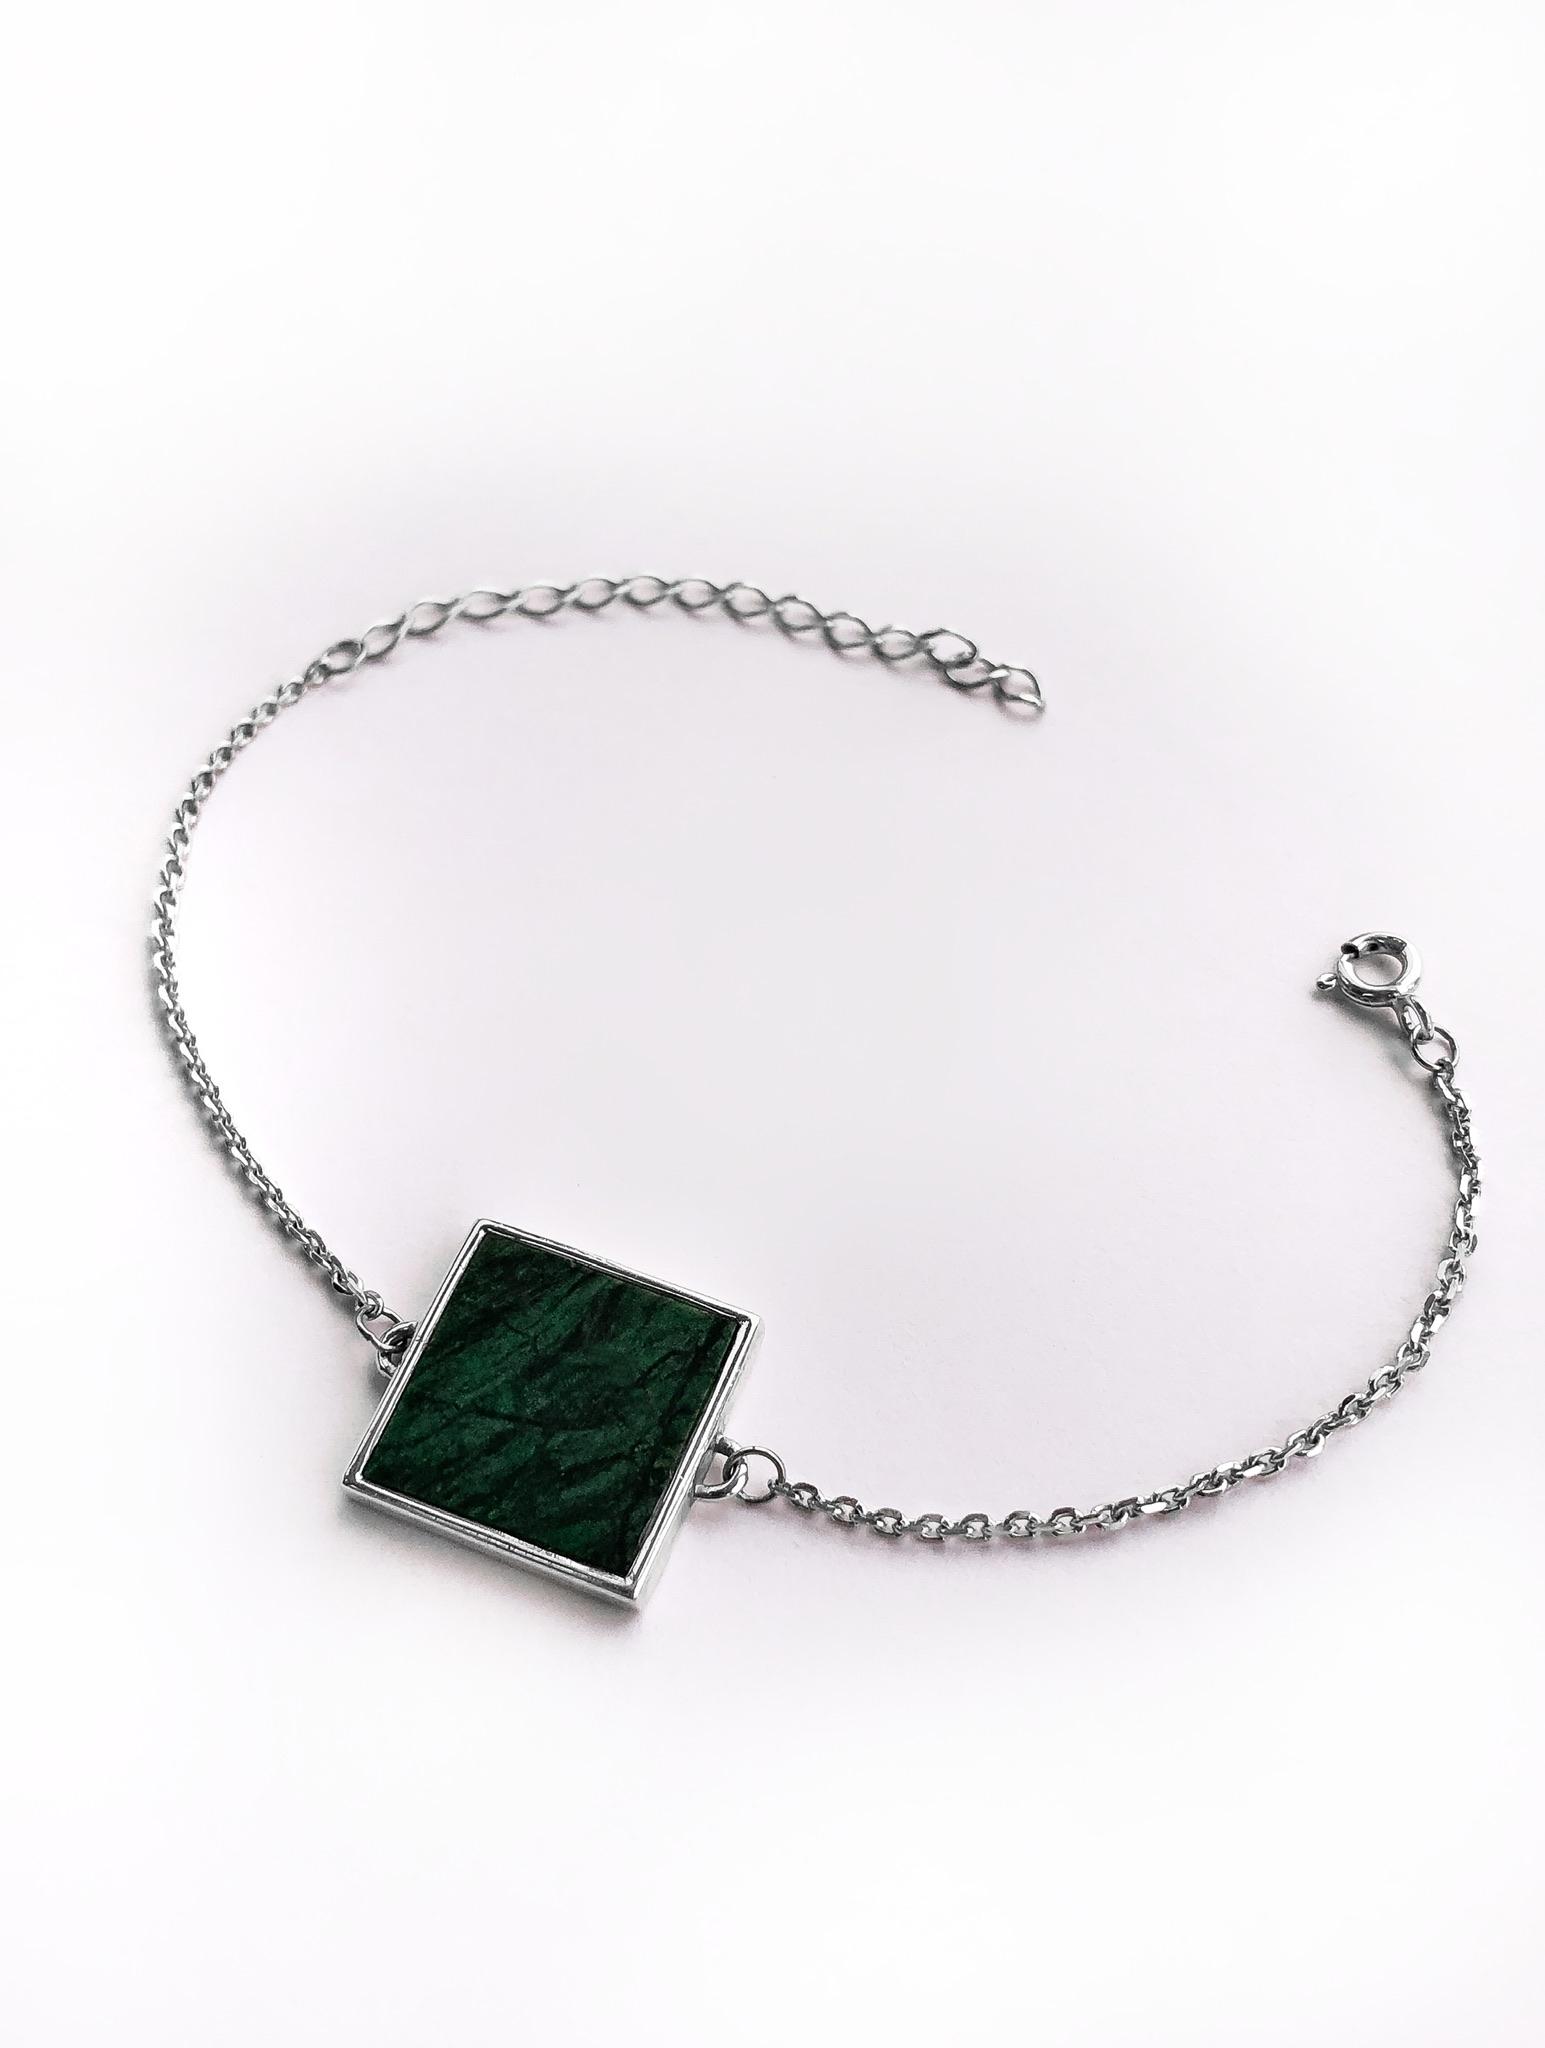 Серебряный браслет на цепочке с зеленым мрамором квадратной формы